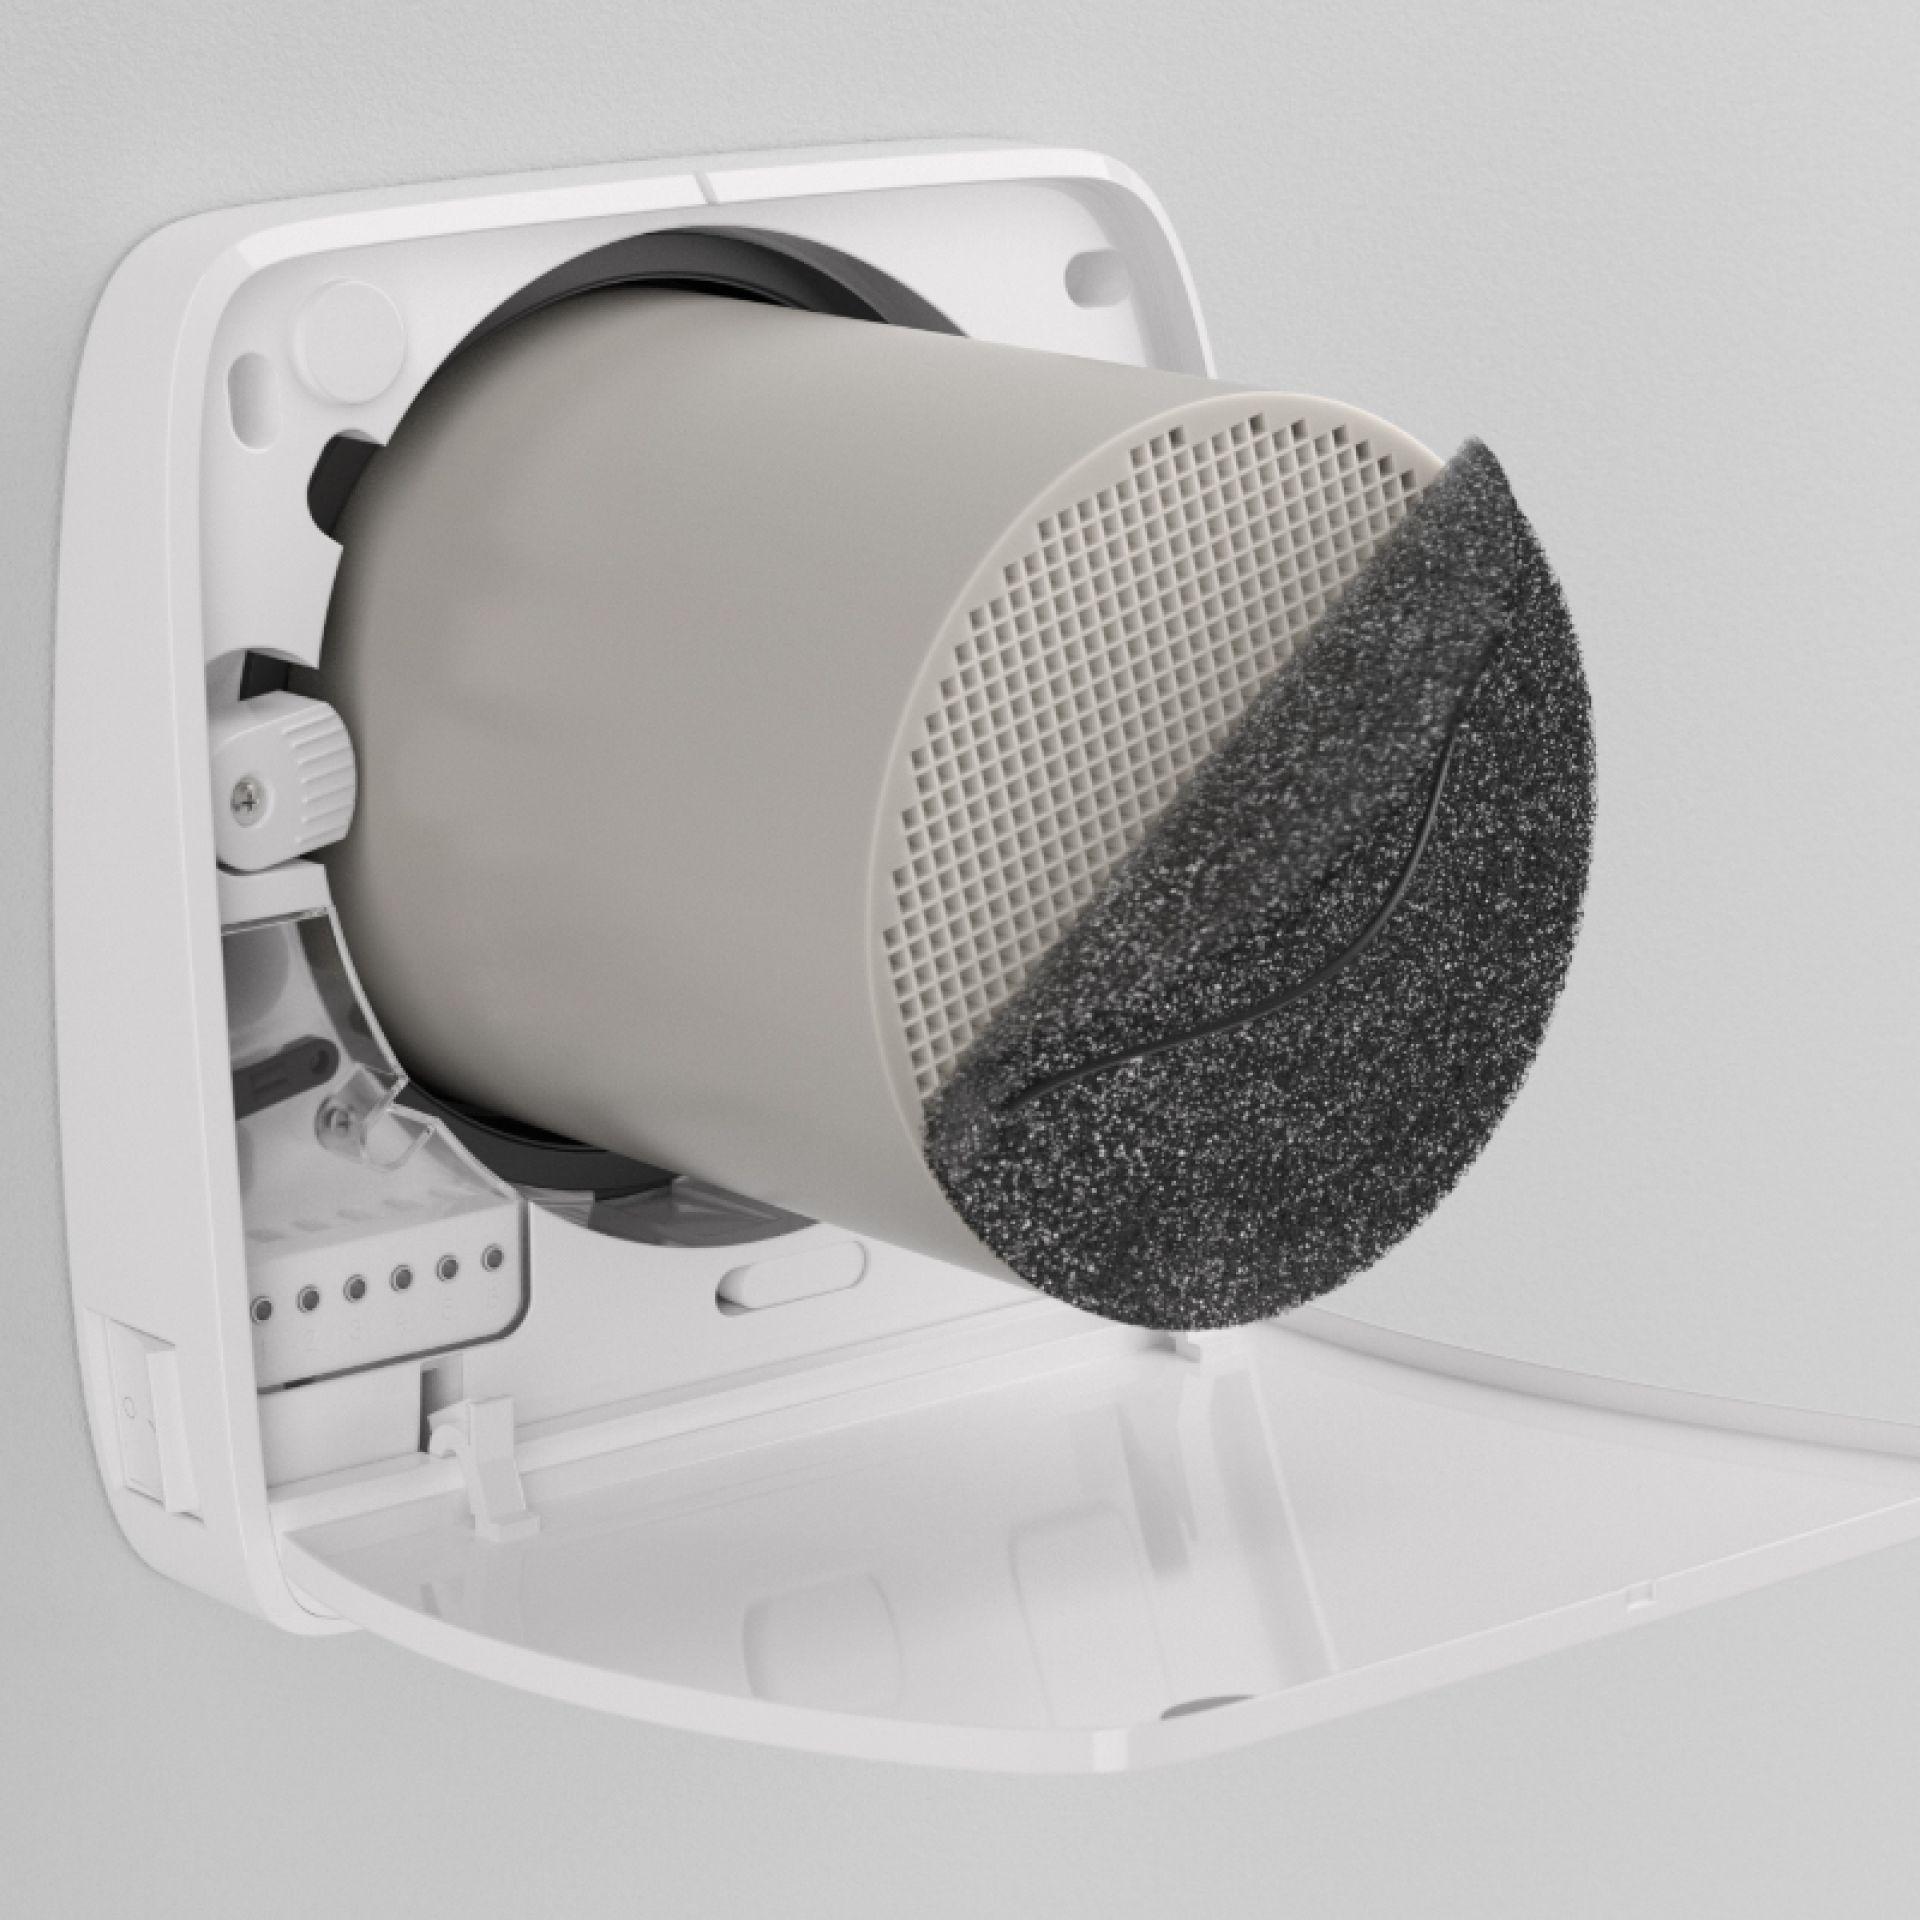 Ambientika wireless + von Südwind dezentrale Wohnraumlüftung mit Wärmerückgewinnung